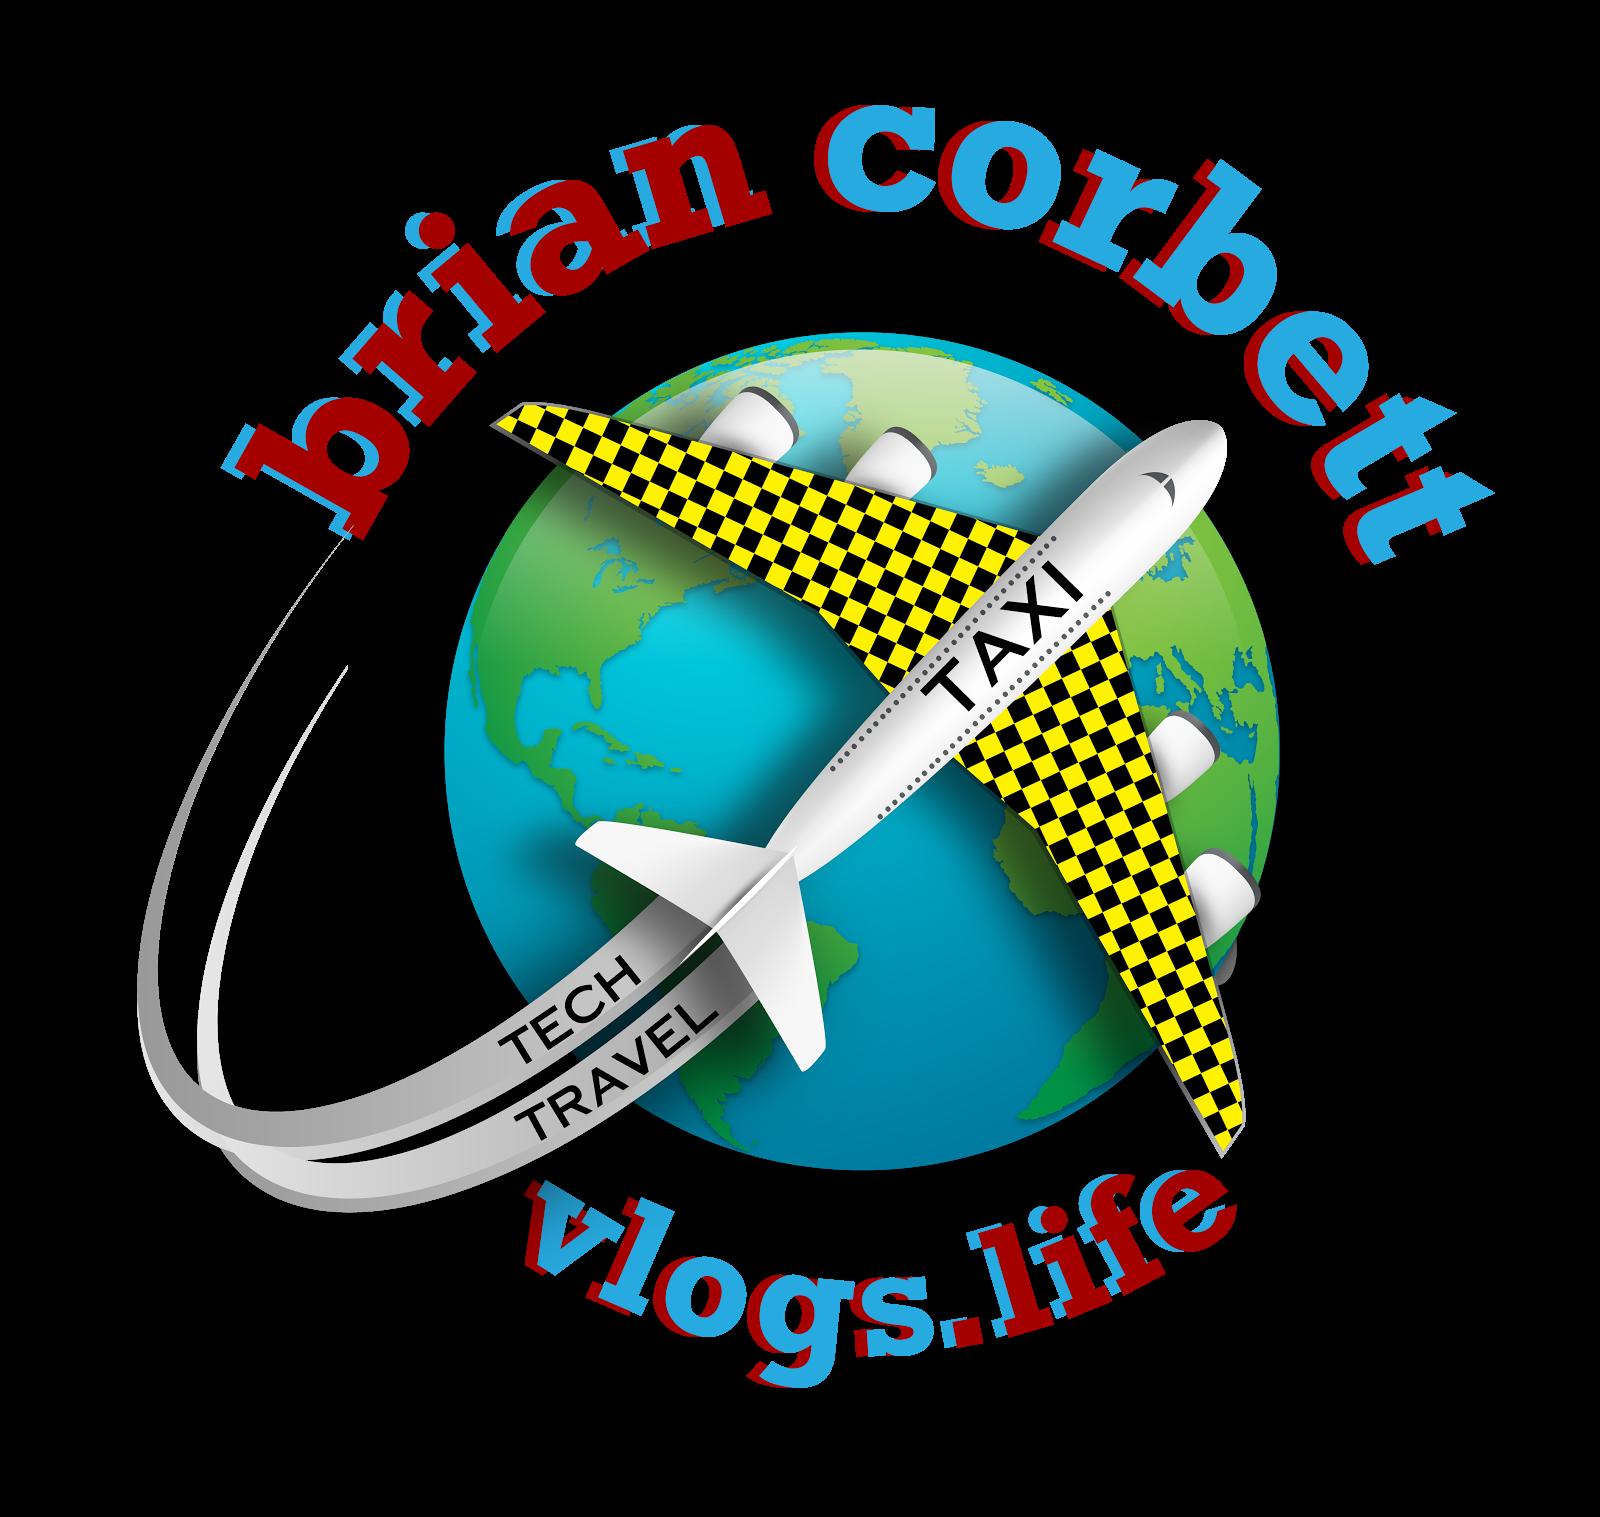 www.briancorbettvlogs.life